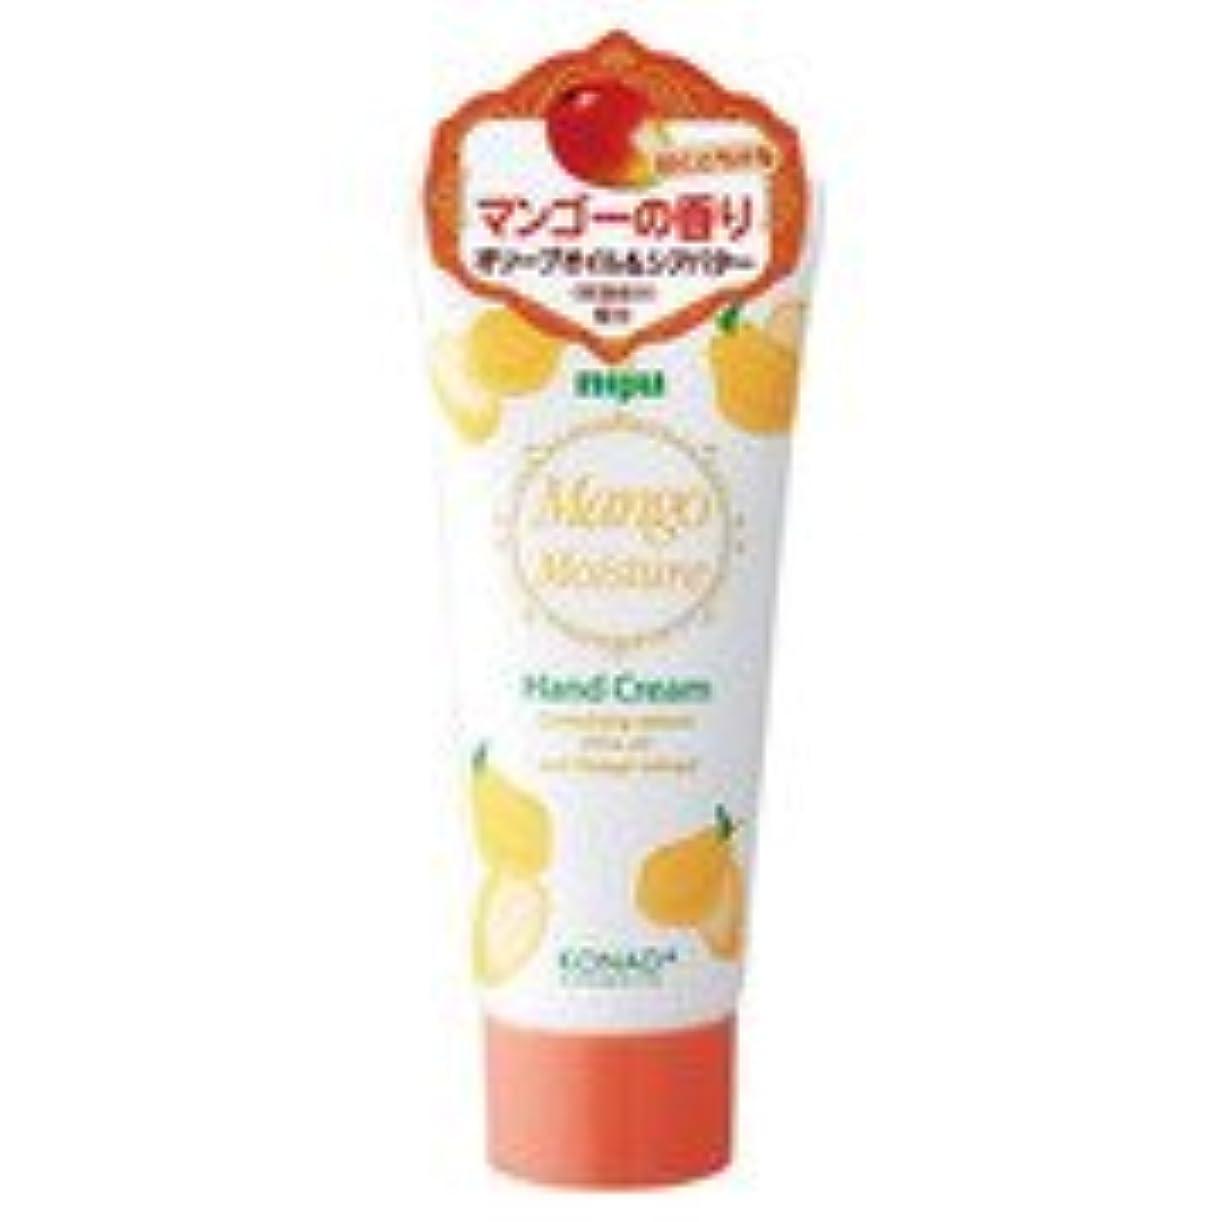 記者酒怠感niju(ニジュウ) モイスチャーハンドクリーム マンゴーの香り 60ml